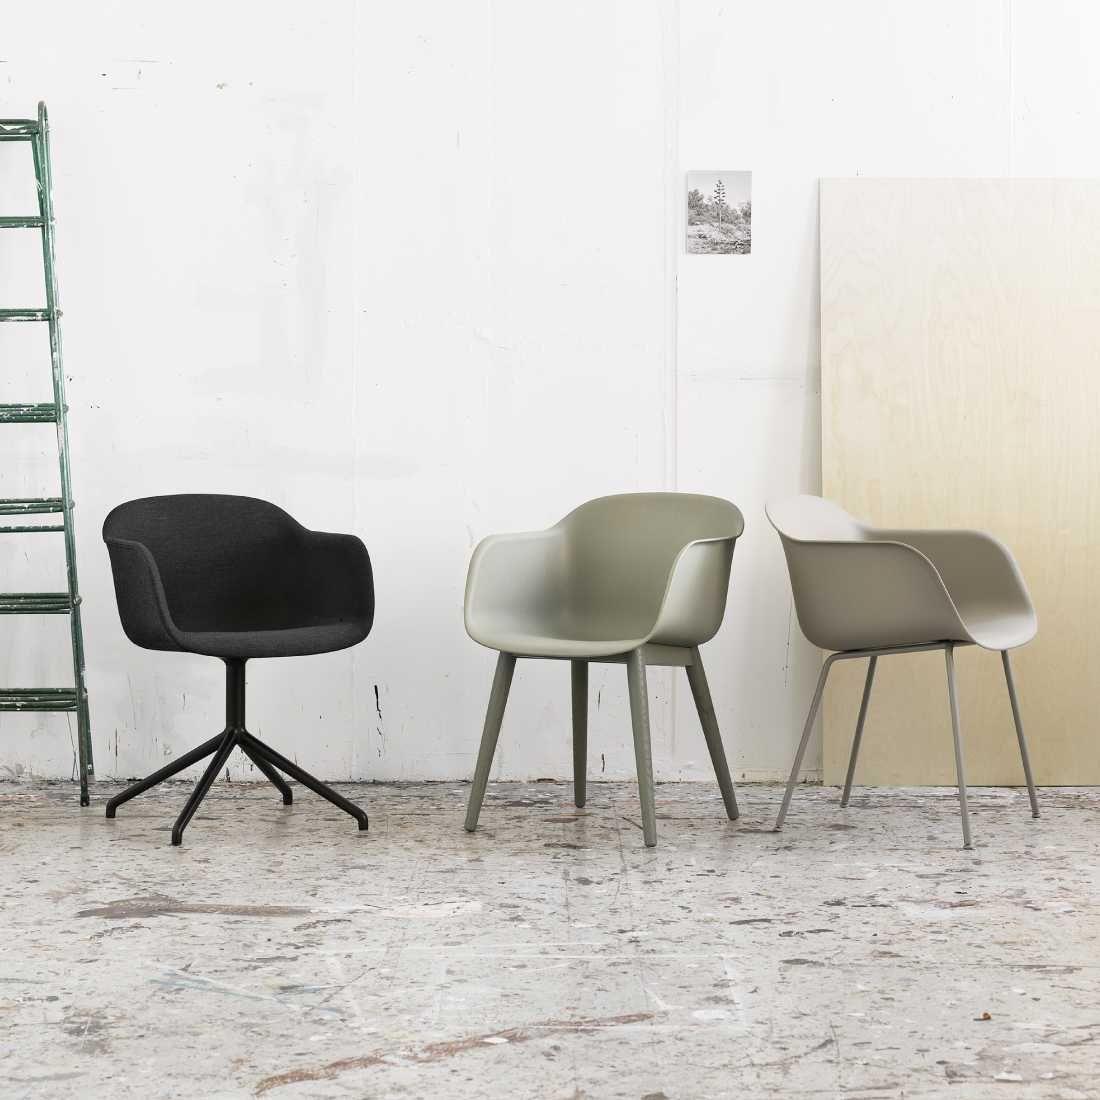 Scandinavische Design Stoelen.Muuto Fiber Chair Stoel Stalen Poten Interieur Meubelontwerp